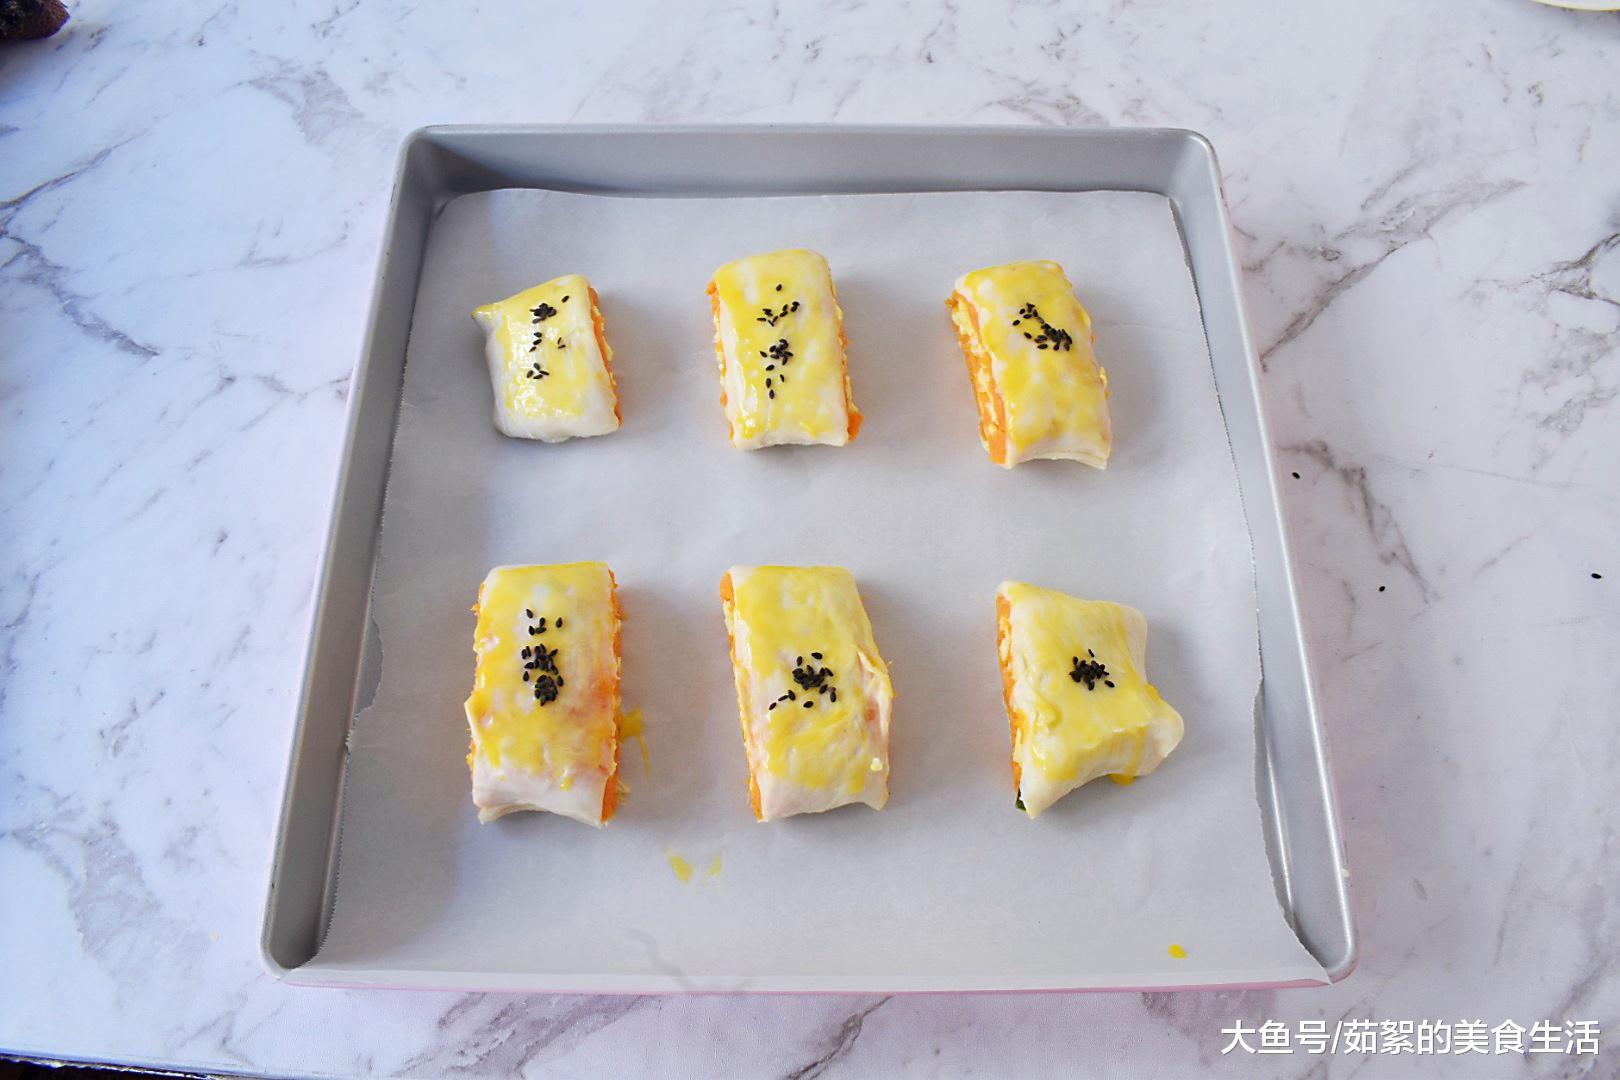 冬天, 这早餐常做给孩子吃, 外酥内糯, 比蛋糕还好吃, 转眼吃光盘